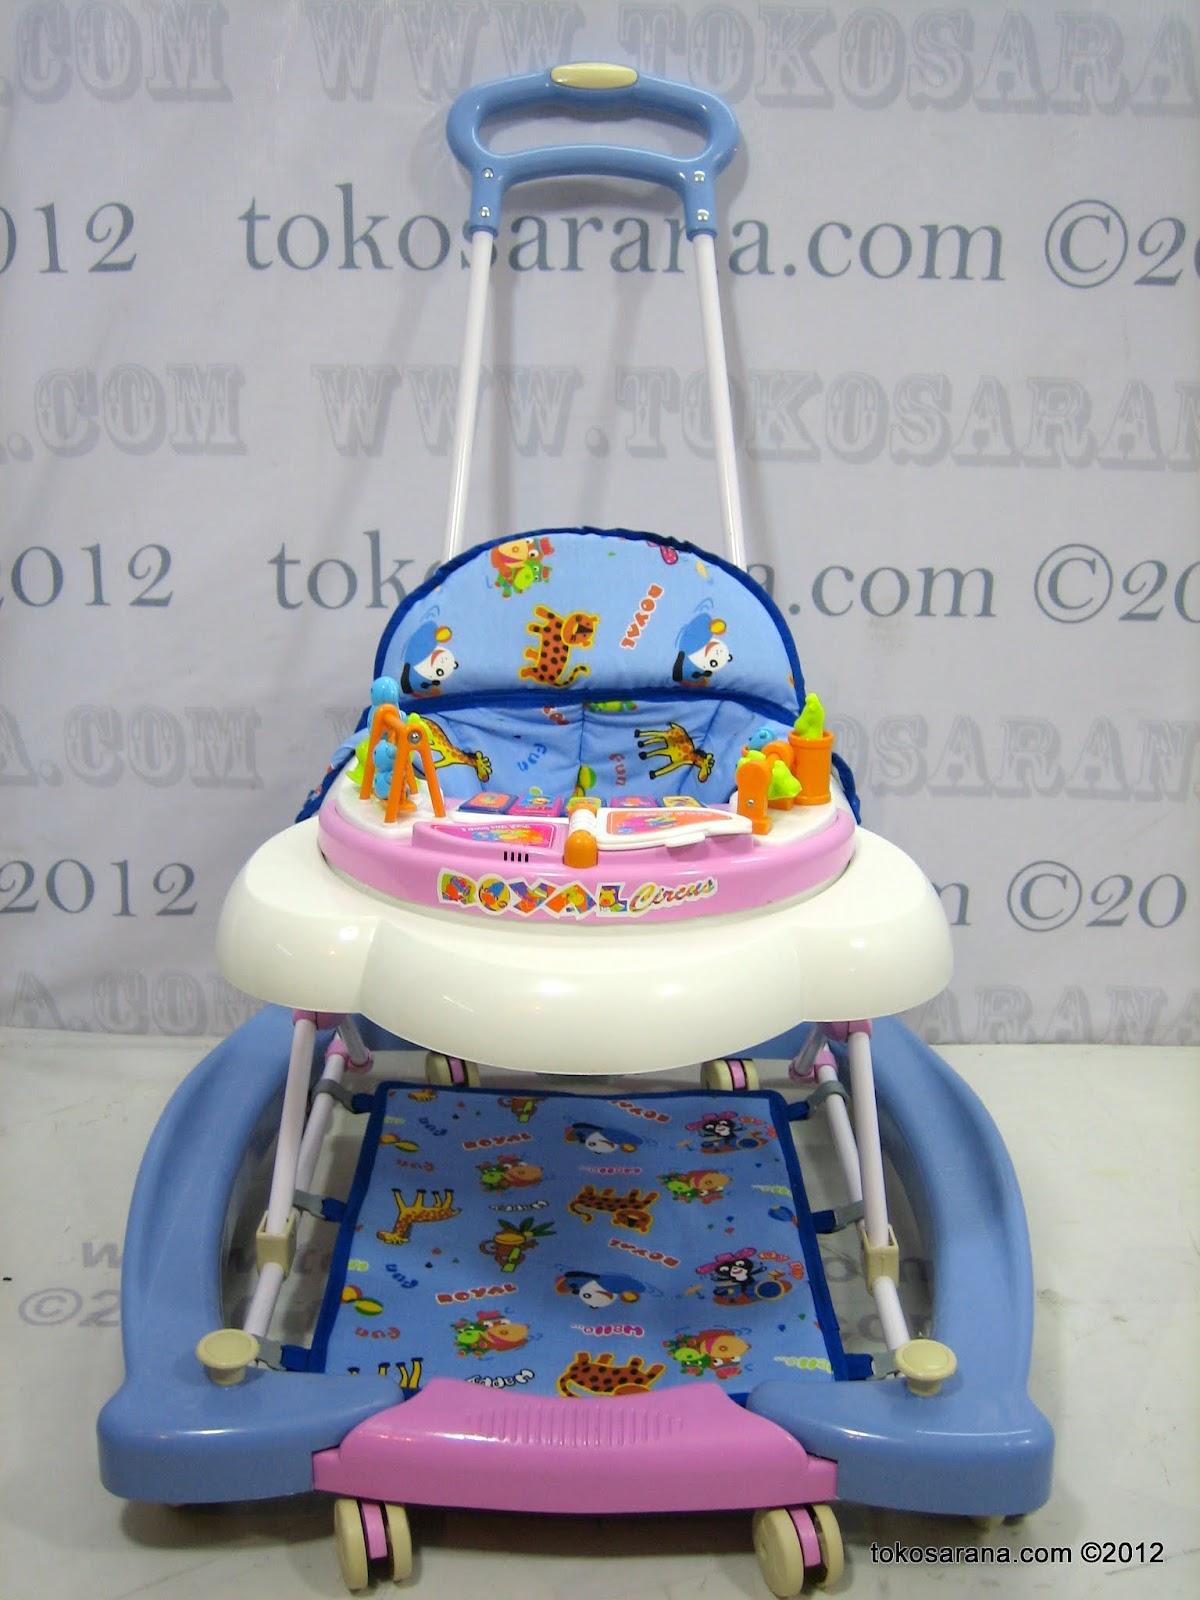 Swing Chair Mudah Wingback Covers Ikea Tokosaranajakarta Jatinegara Mahasarana Suksesbandung